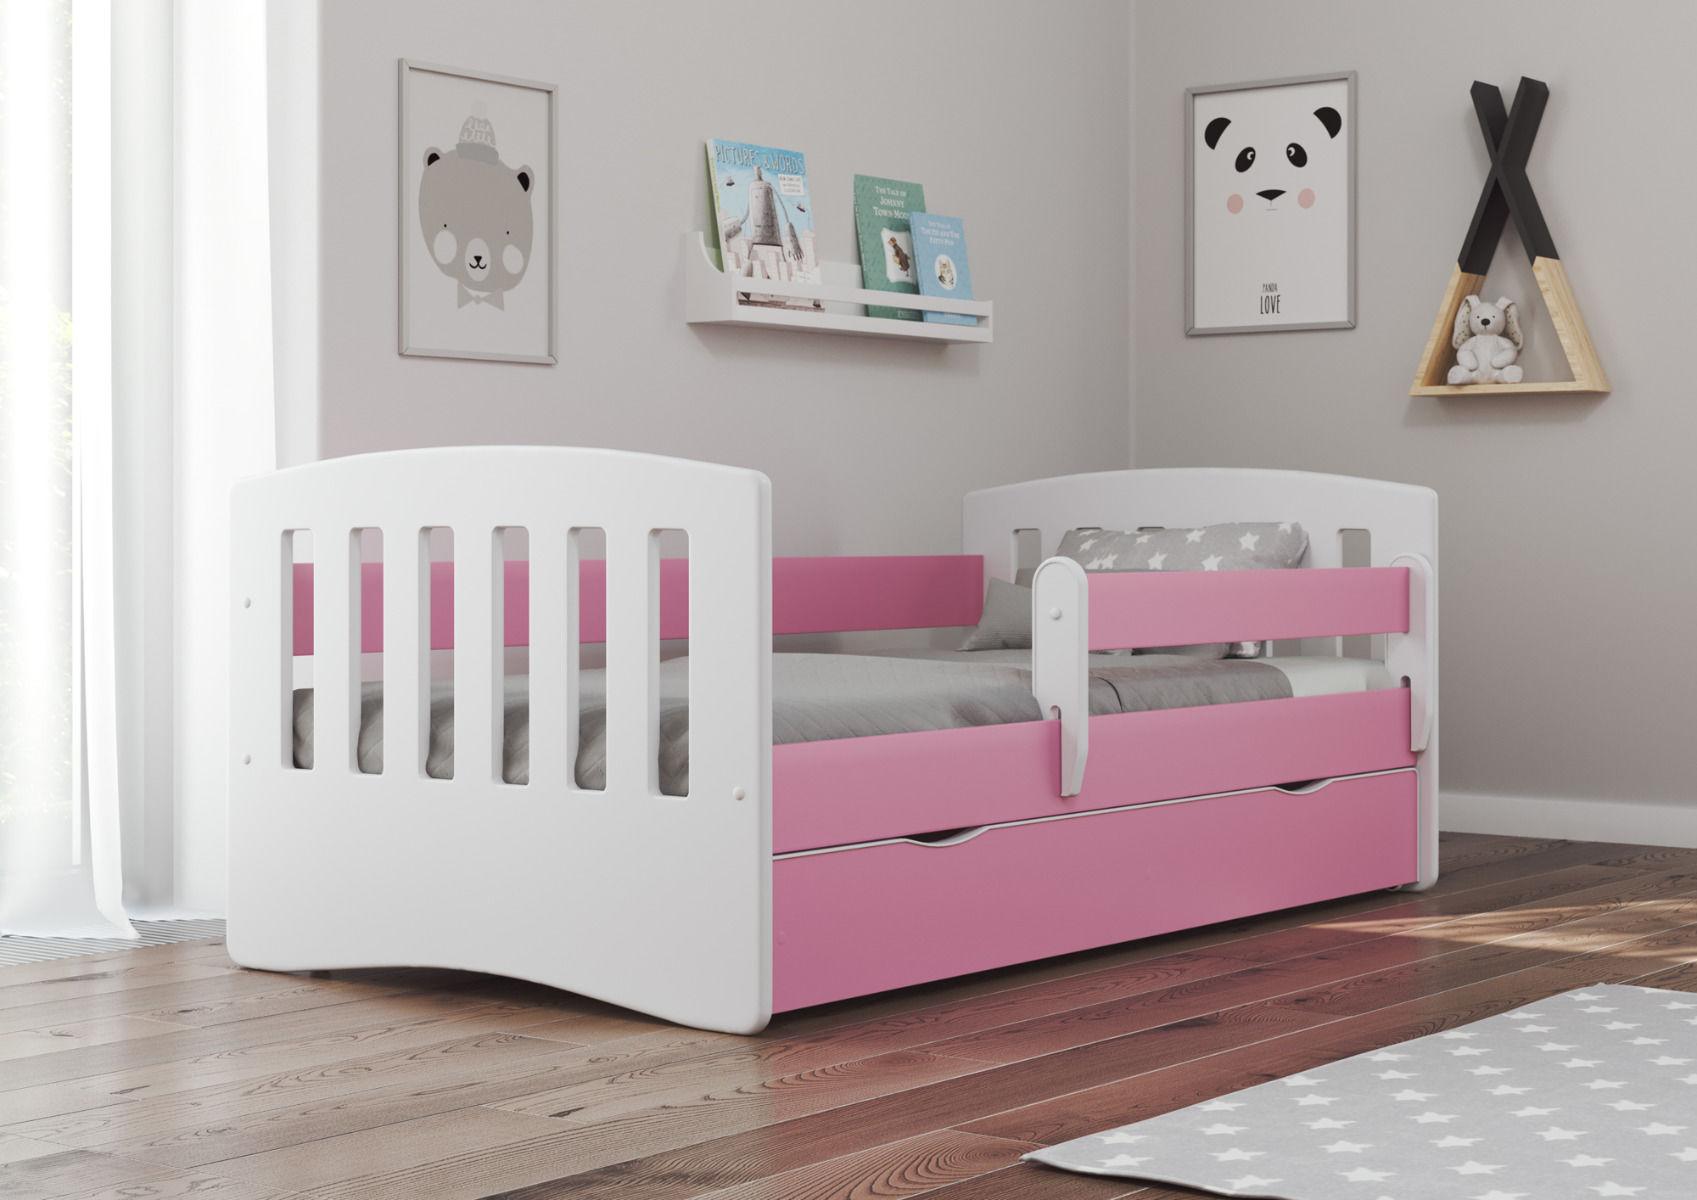 Łóżko BAMBINO 160 dla dzieci z szufladą  KUP TERAZ - OTRZYMAJ RABAT